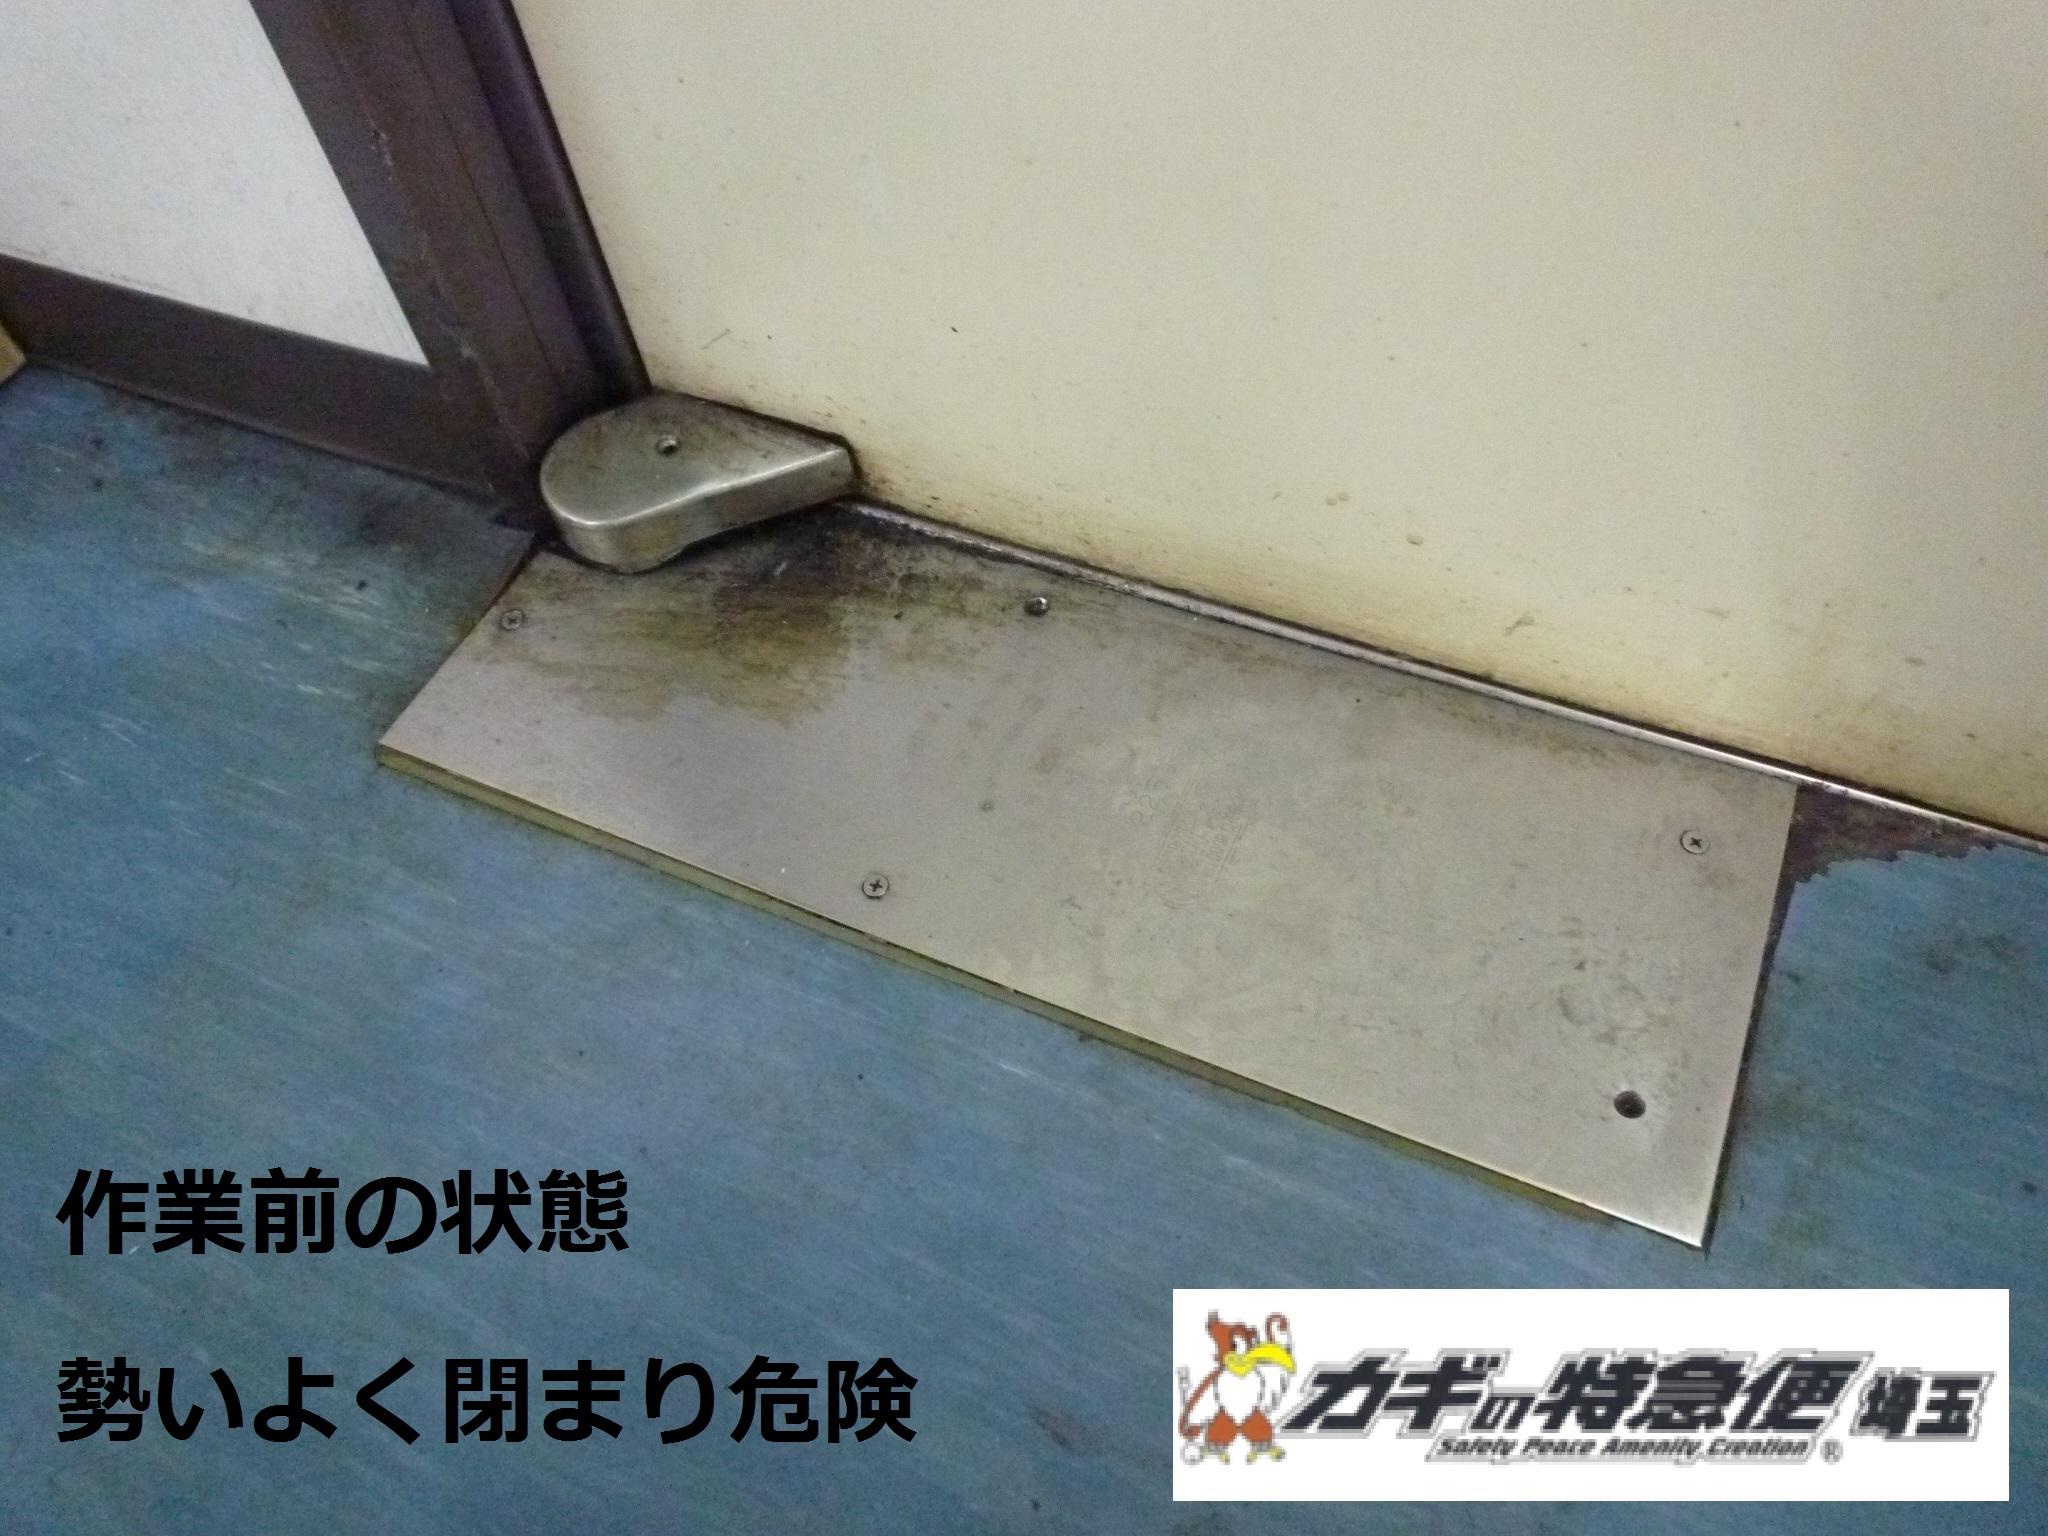 ドアクローザーの交換修理(フロアヒンジの交換 埼玉県川口市 ニュースター・ドアクローザー)